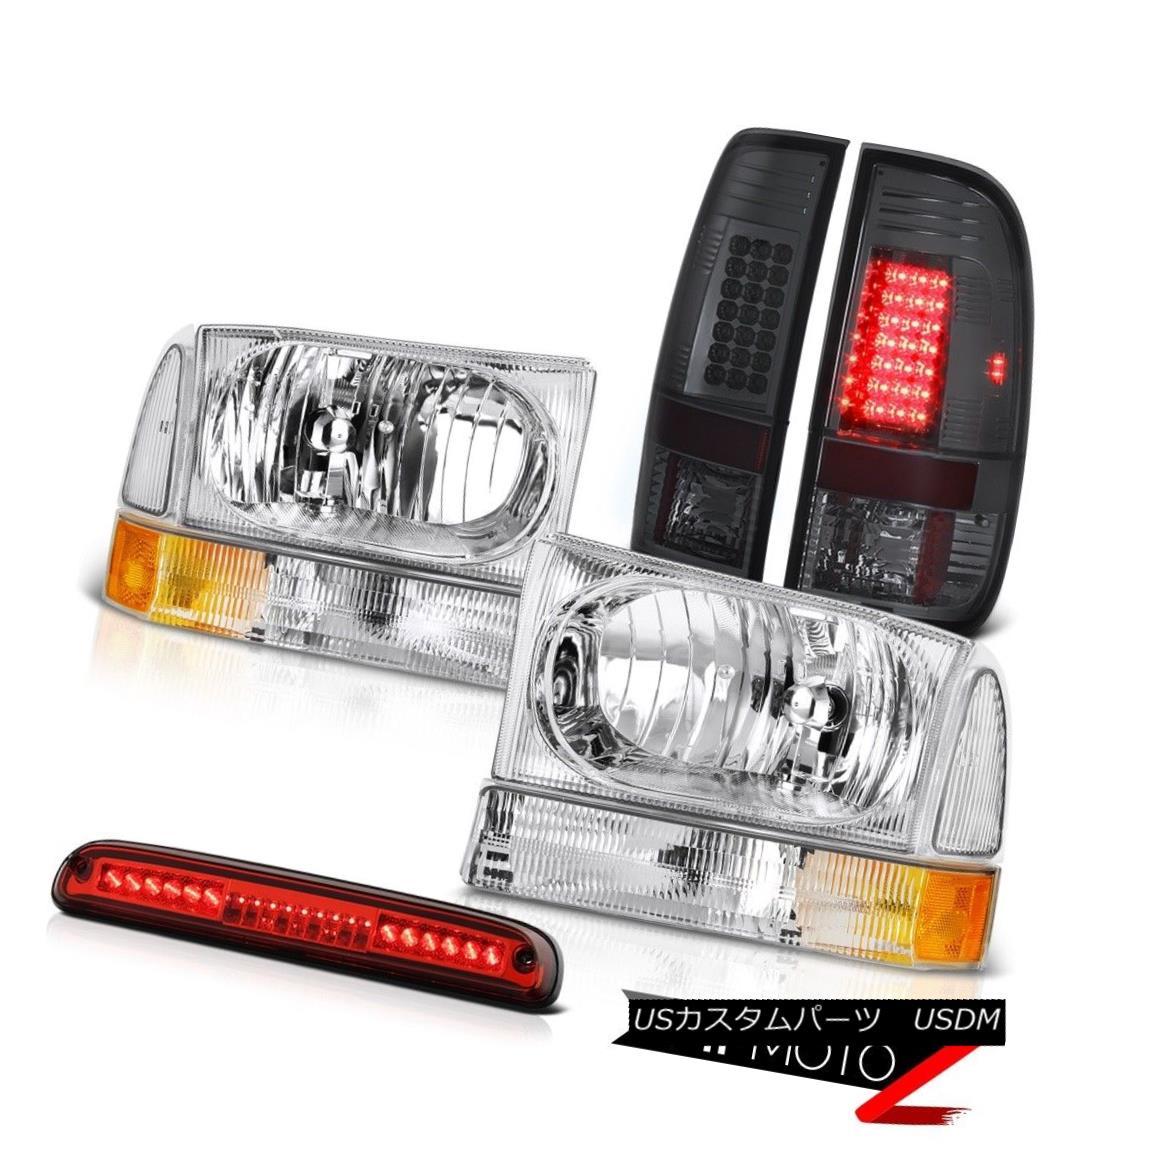 テールライト 99-04 F350 6.8L Chrome Headlights LED Bulbs Tail Light Roof Third Brake Cargo 99-04 F350 6.8LクロームヘッドライトLED電球テールライトルーフ第3ブレーキカーゴ